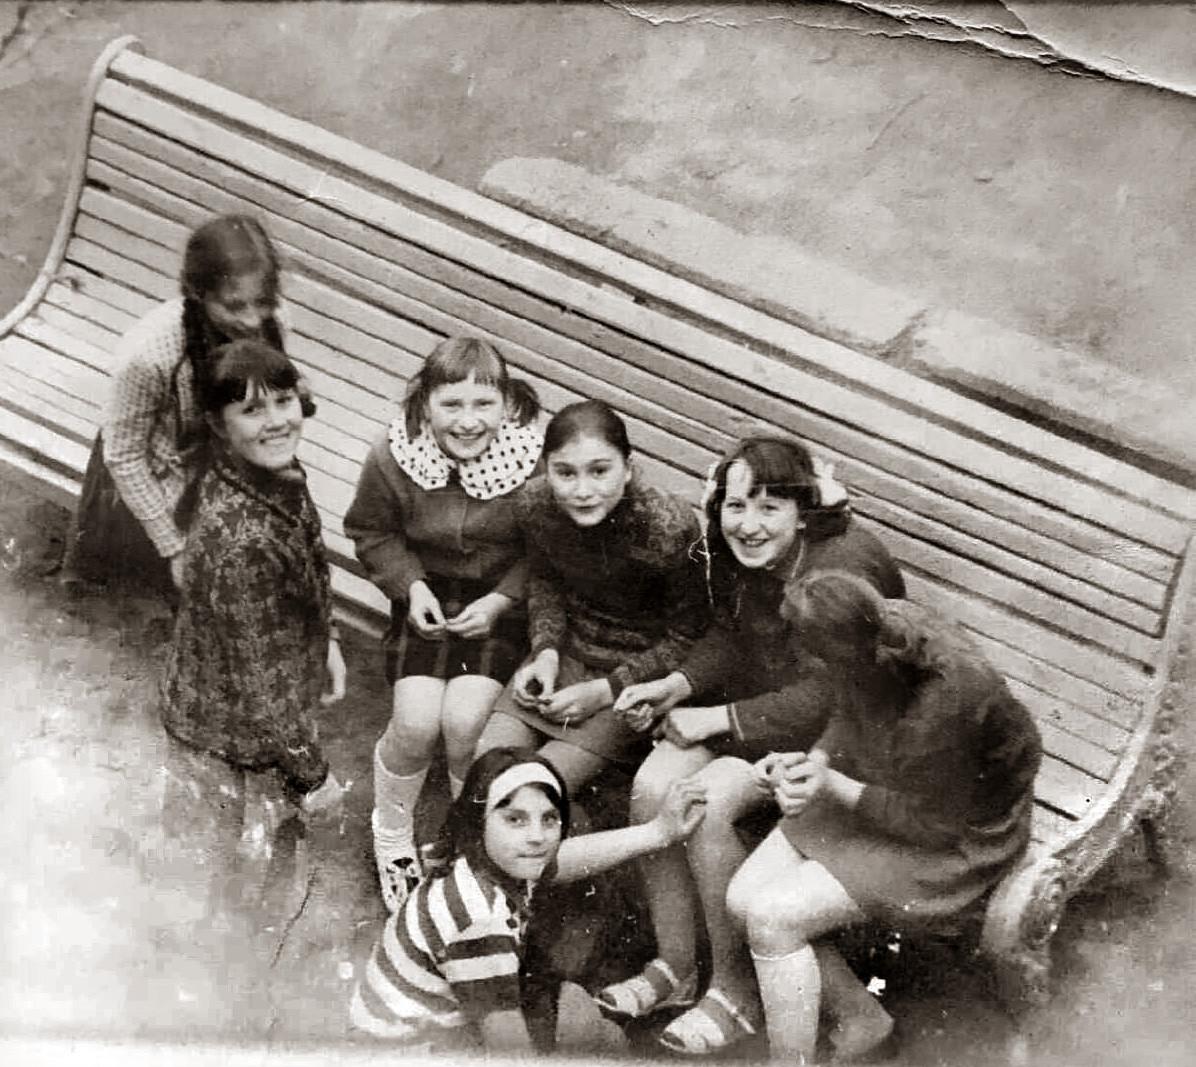 1973 (около). Во дворе дома по ул. Б.Очаковская, 33. Надежда Борисова2